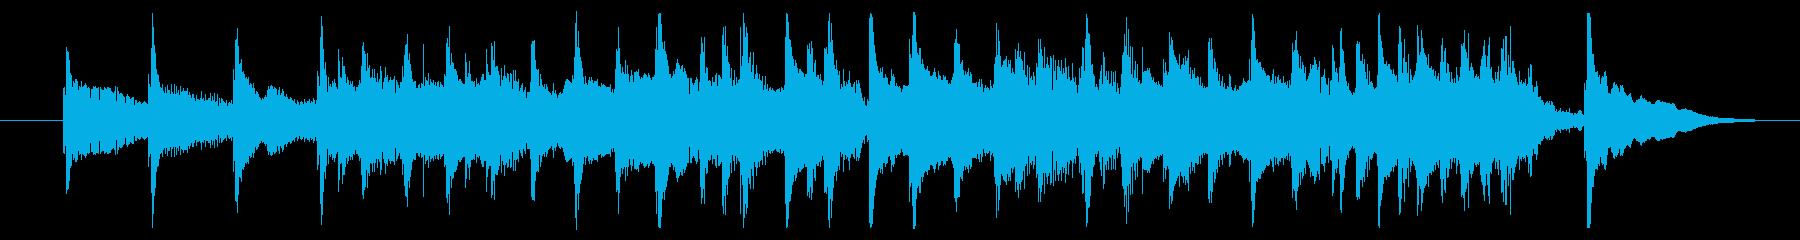 コミカル/どたばた/シンキングタイムの再生済みの波形